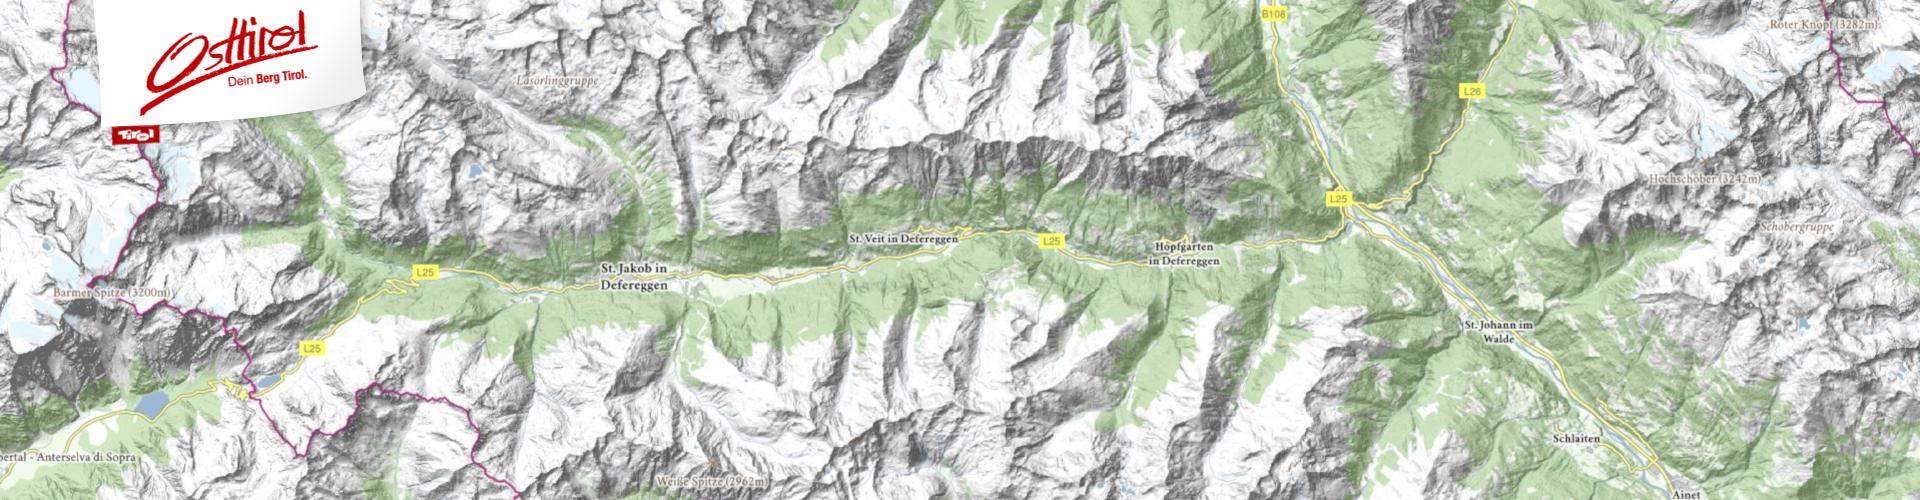 Freizeit - Wandern - Interaktive Karte Osttirol